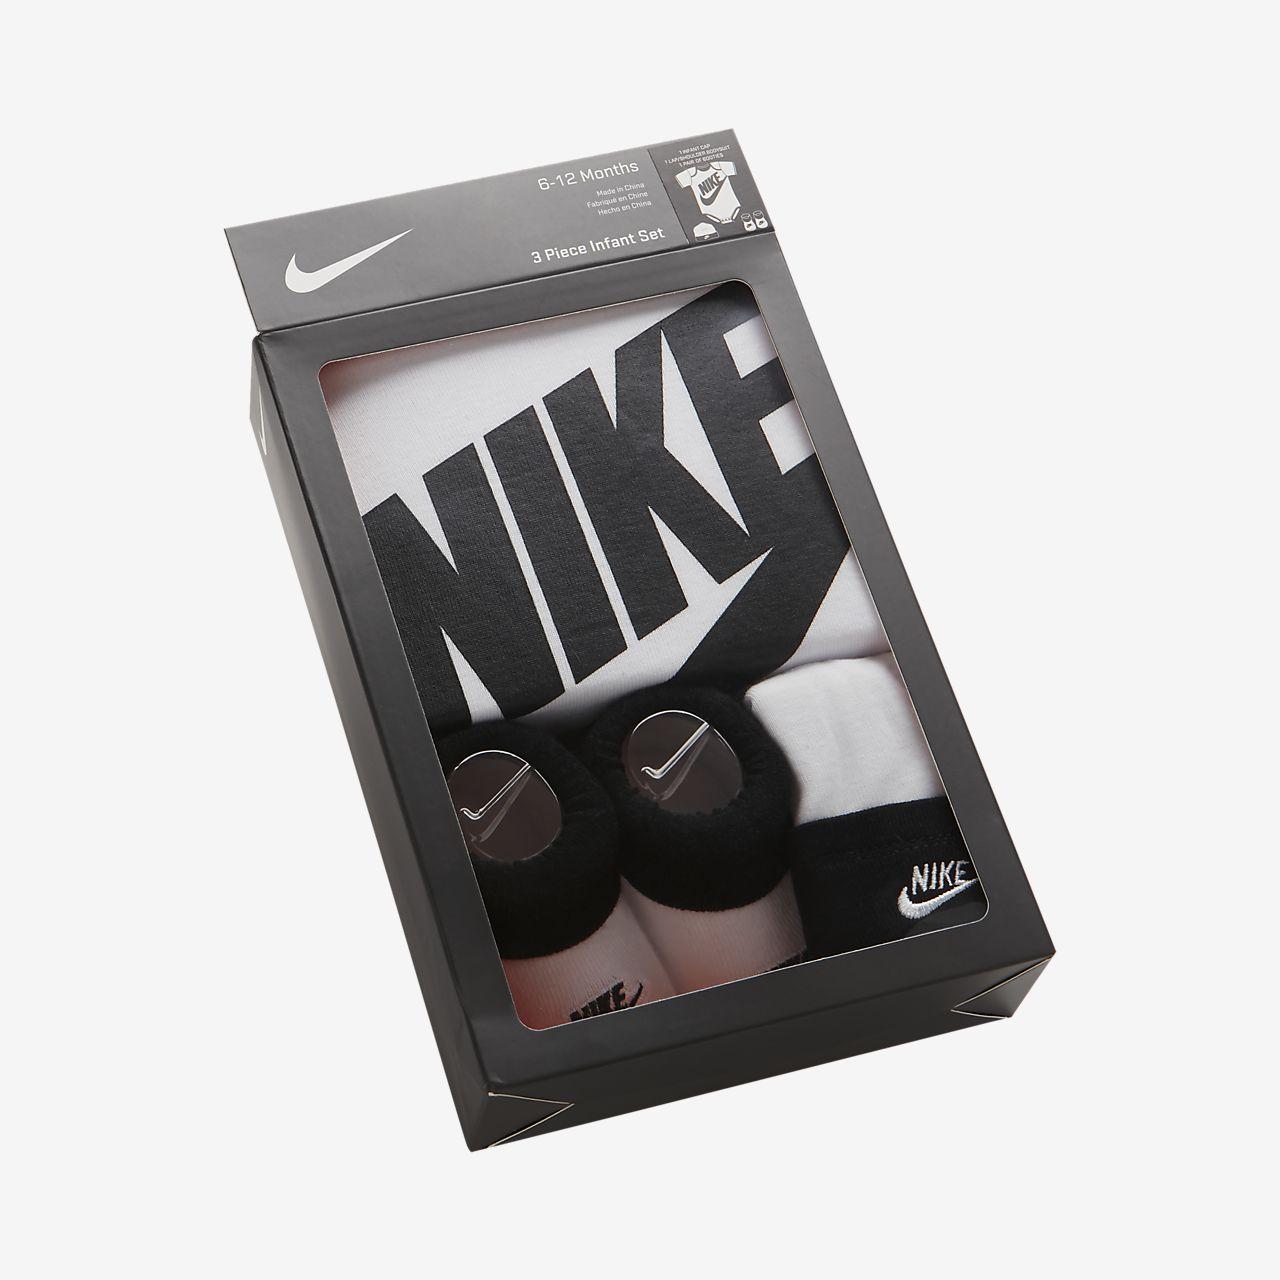 985d999dcb Low Resolution Nike Sportswear háromrészes szett babáknak Nike Sportswear  háromrészes szett babáknak